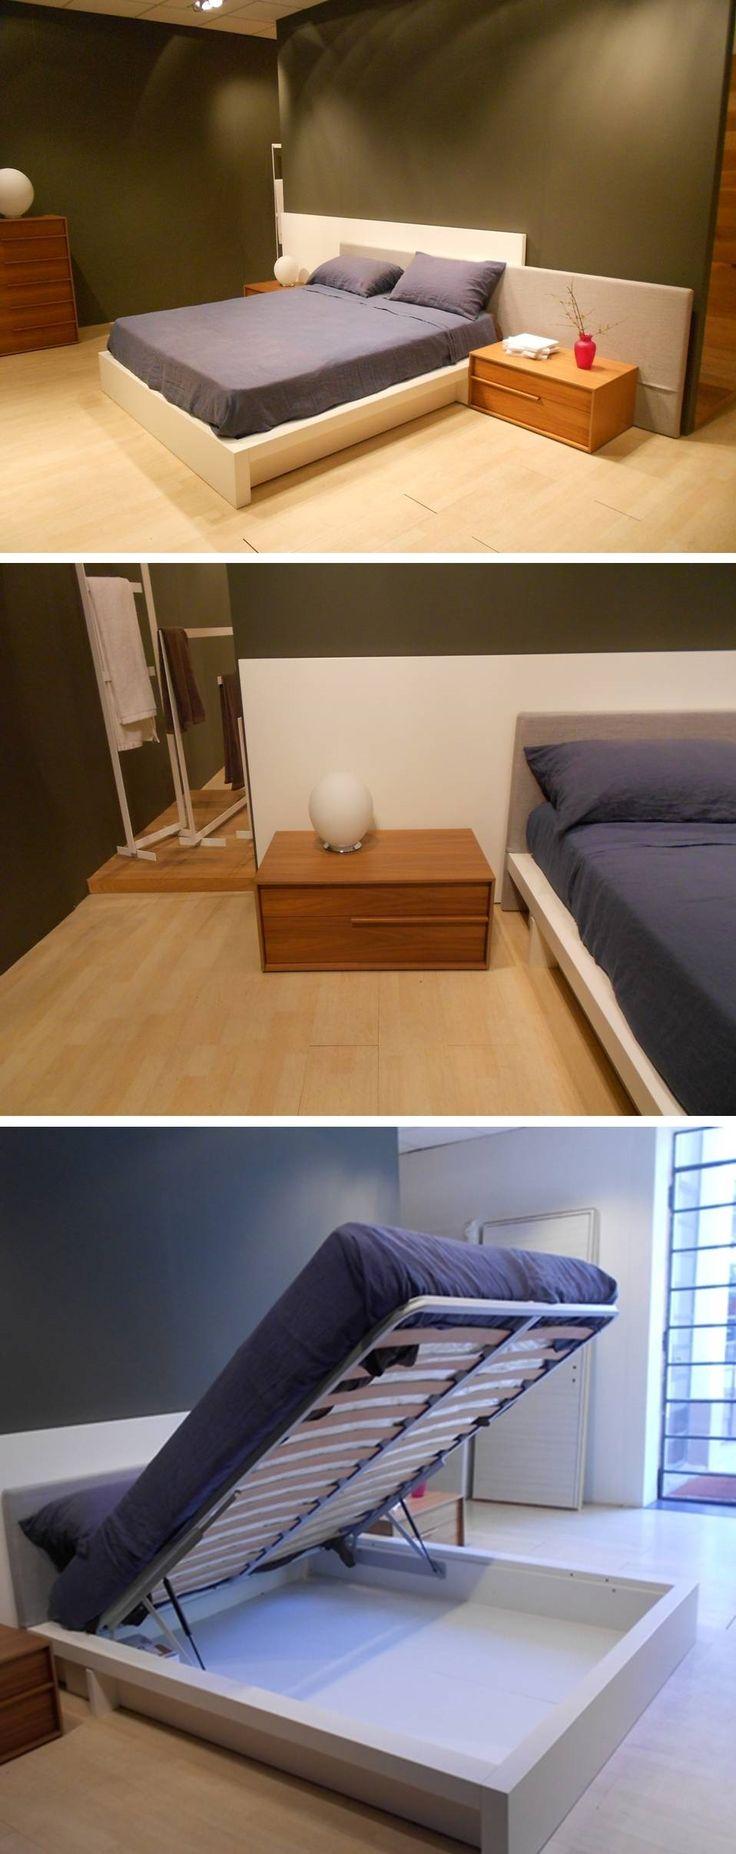 Oltre 25 fantastiche idee su testata del letto in legno su for Letto matrimoniale dimensioni